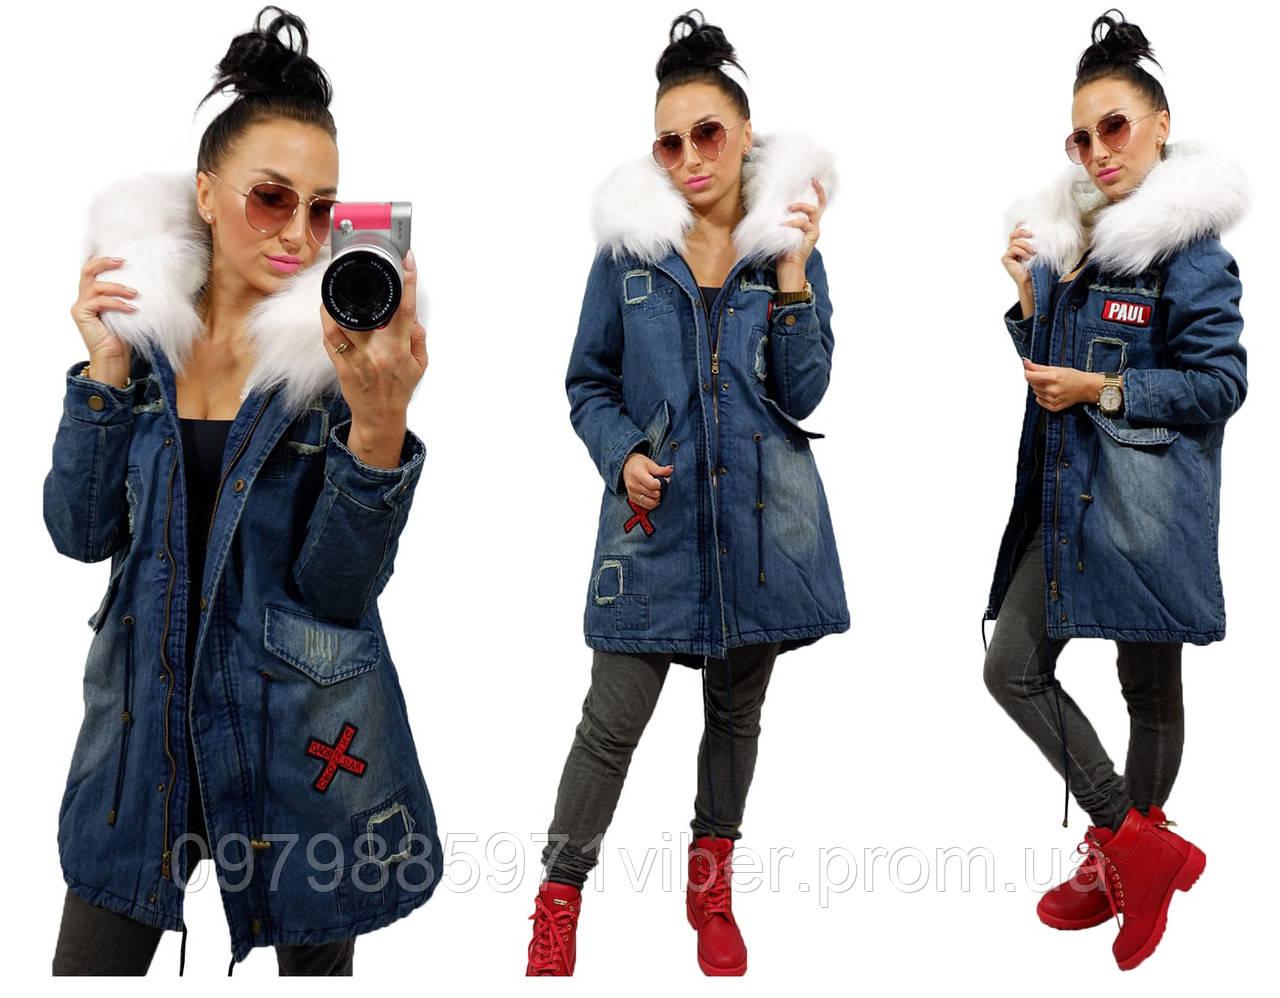 Зимняя джинсовая куртка парка женская - Доставка товаров из Польши в Львове 675e2ecd65b